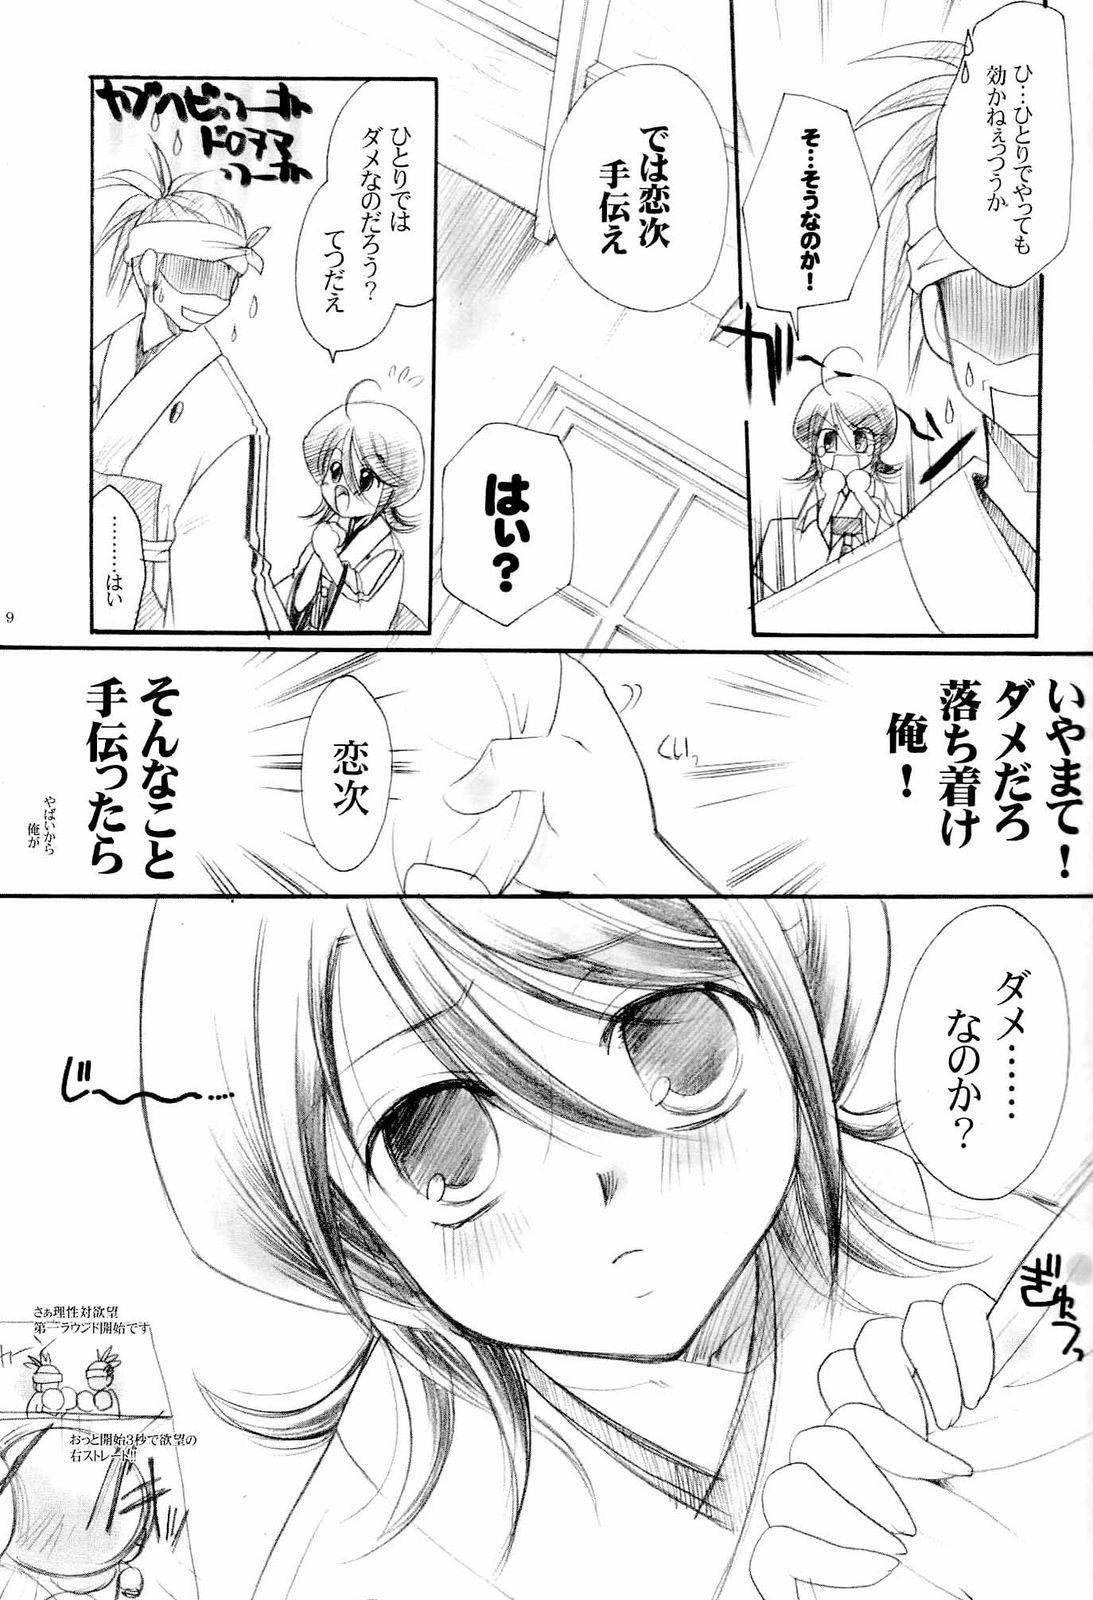 Usagi-chan Goyoujin 7